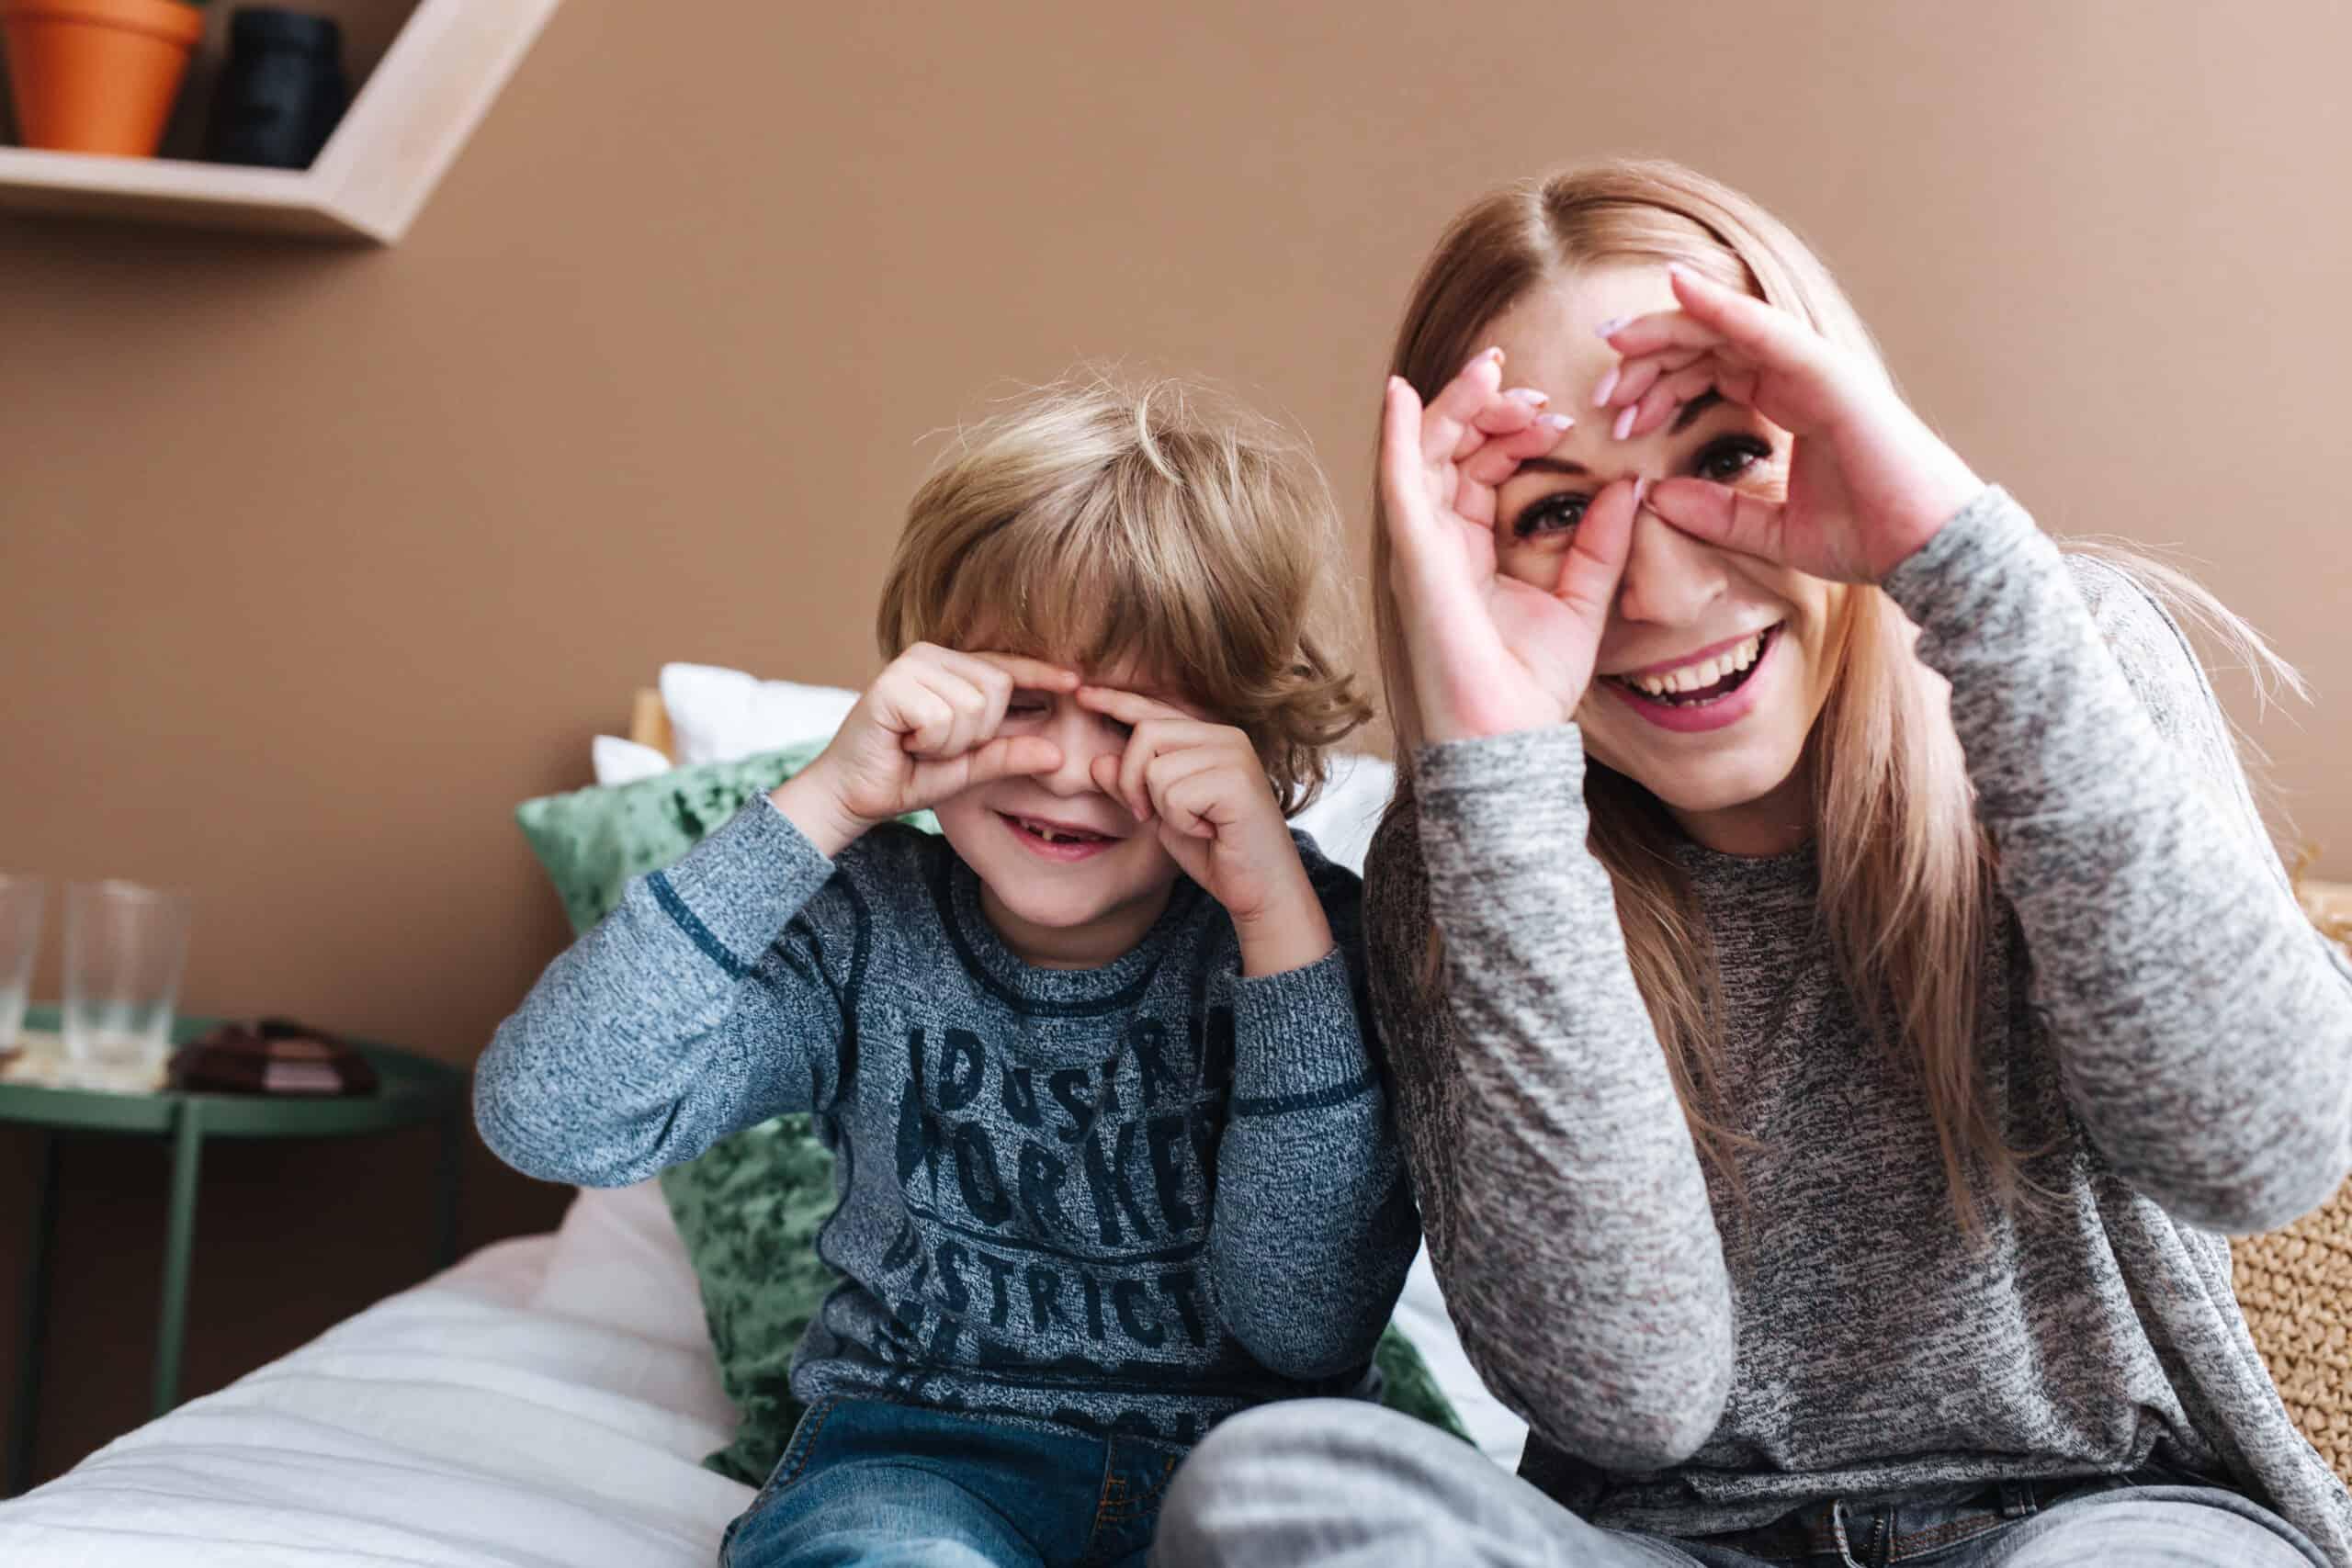 Playful parents raise happy children